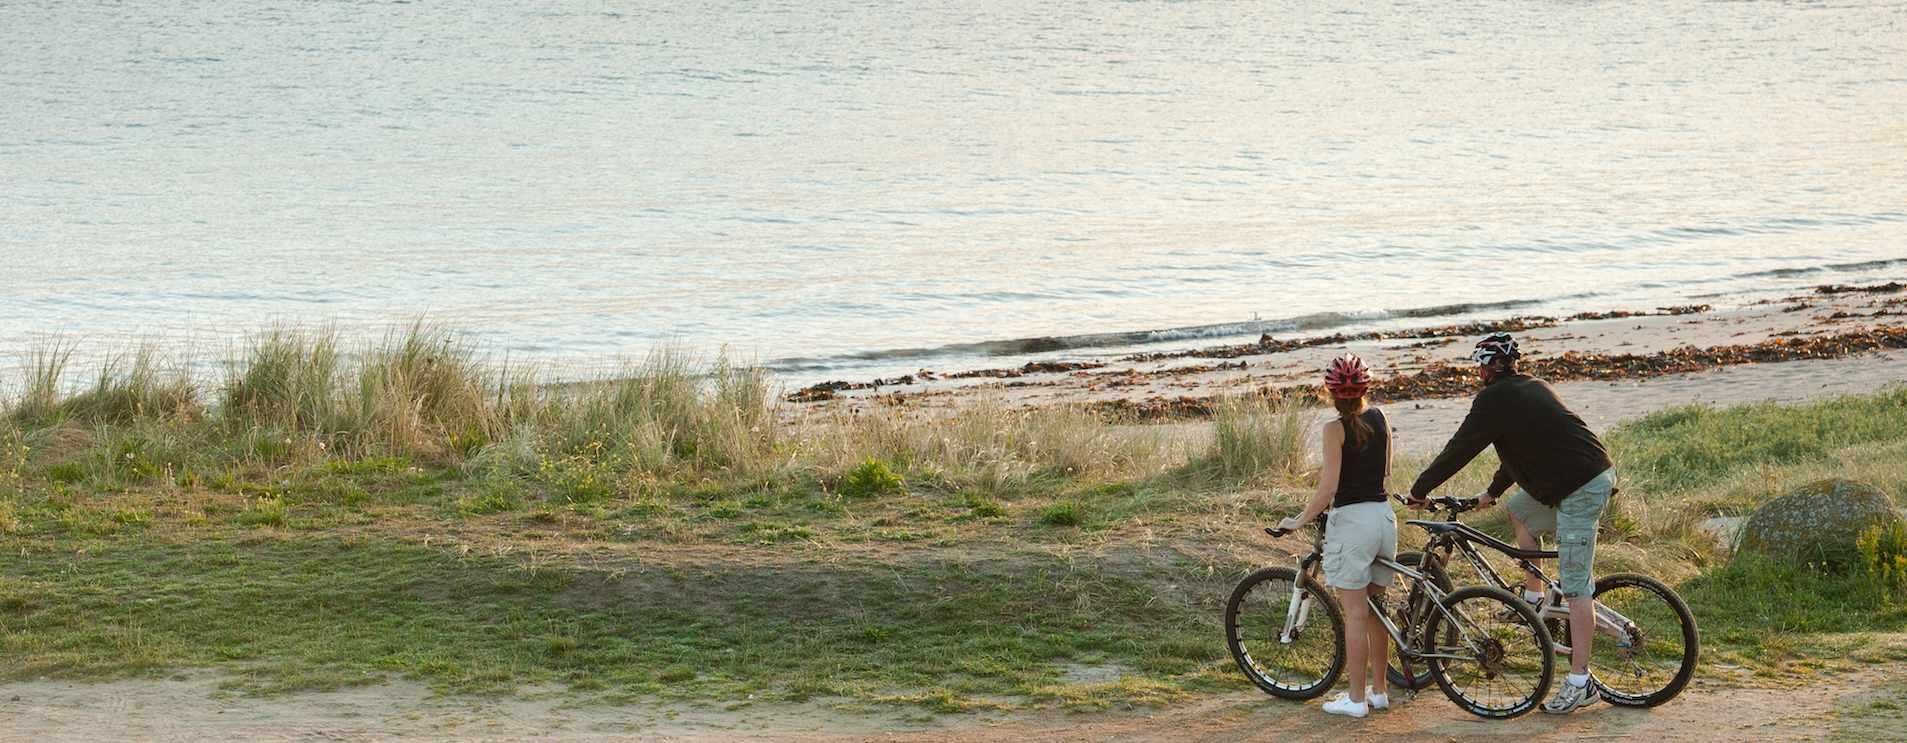 La Vélodyssée : un périple de 1400 km